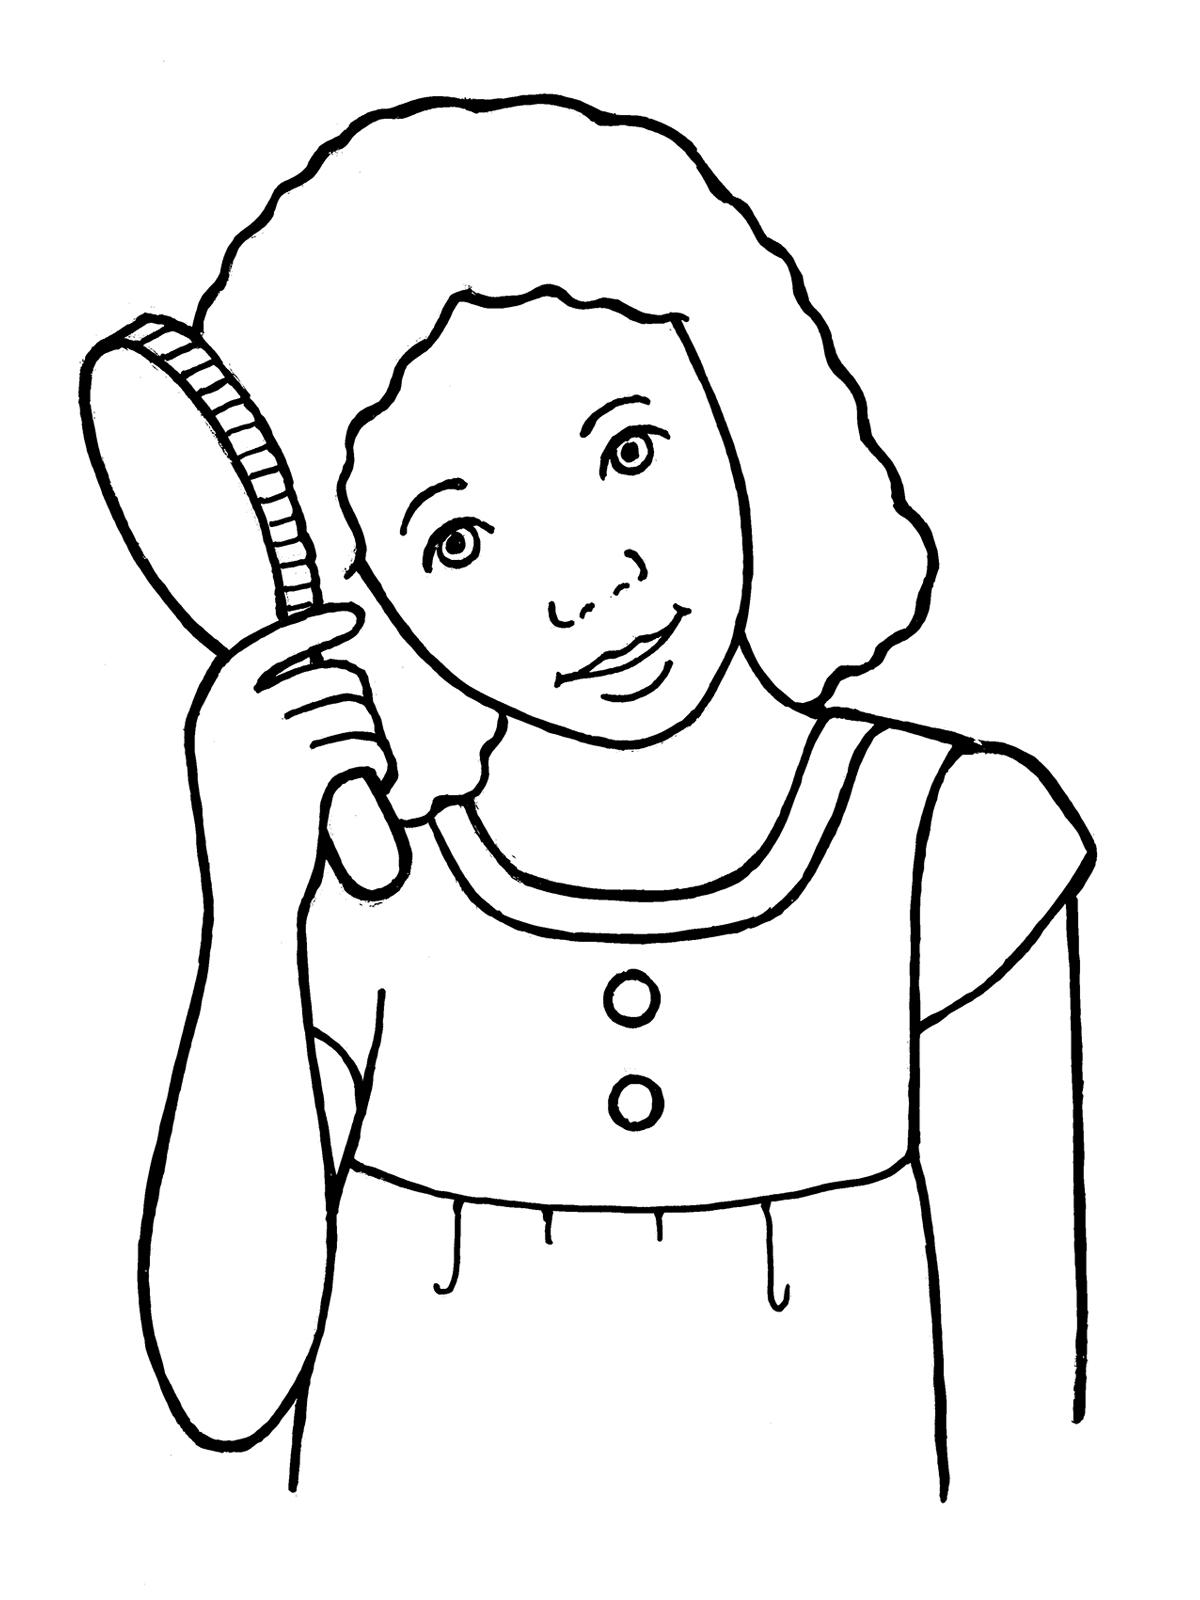 Brush black hair clipart black and white jpg royalty free download Hair Brush Black And White Clipart - Clip Art Library jpg royalty free download